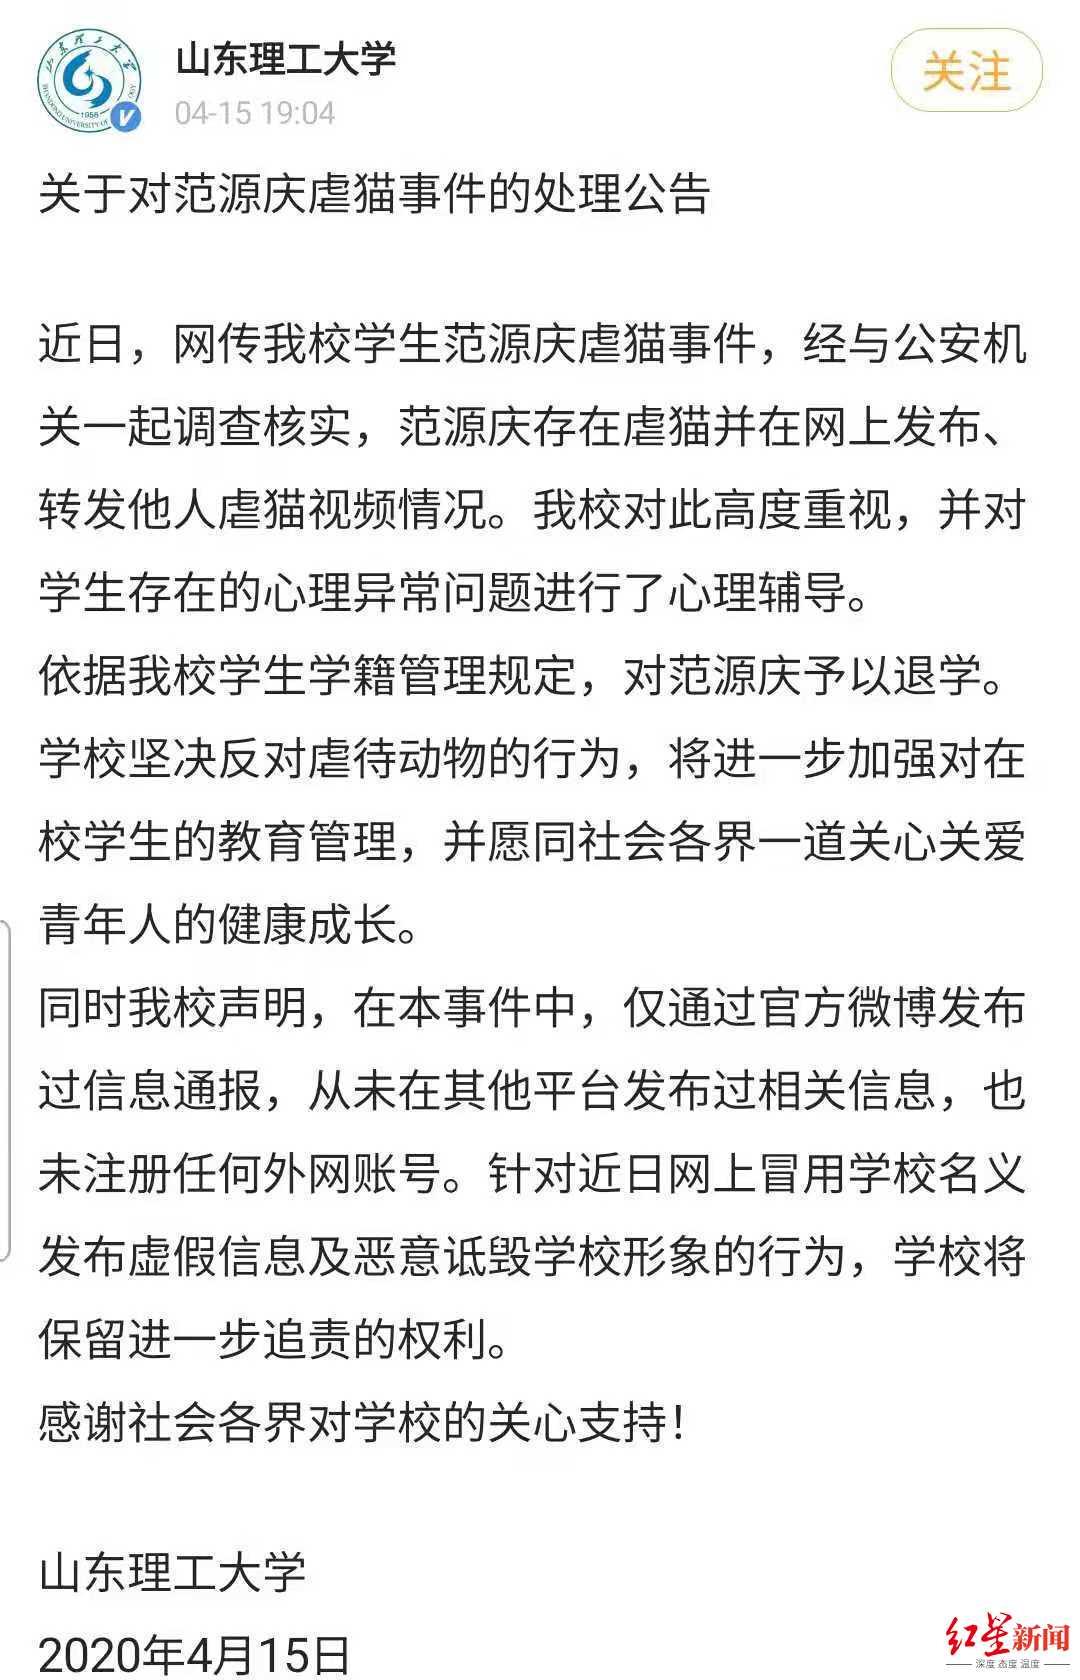 逸晨卡盟_顶级日韩精品培训_无锡恒隆